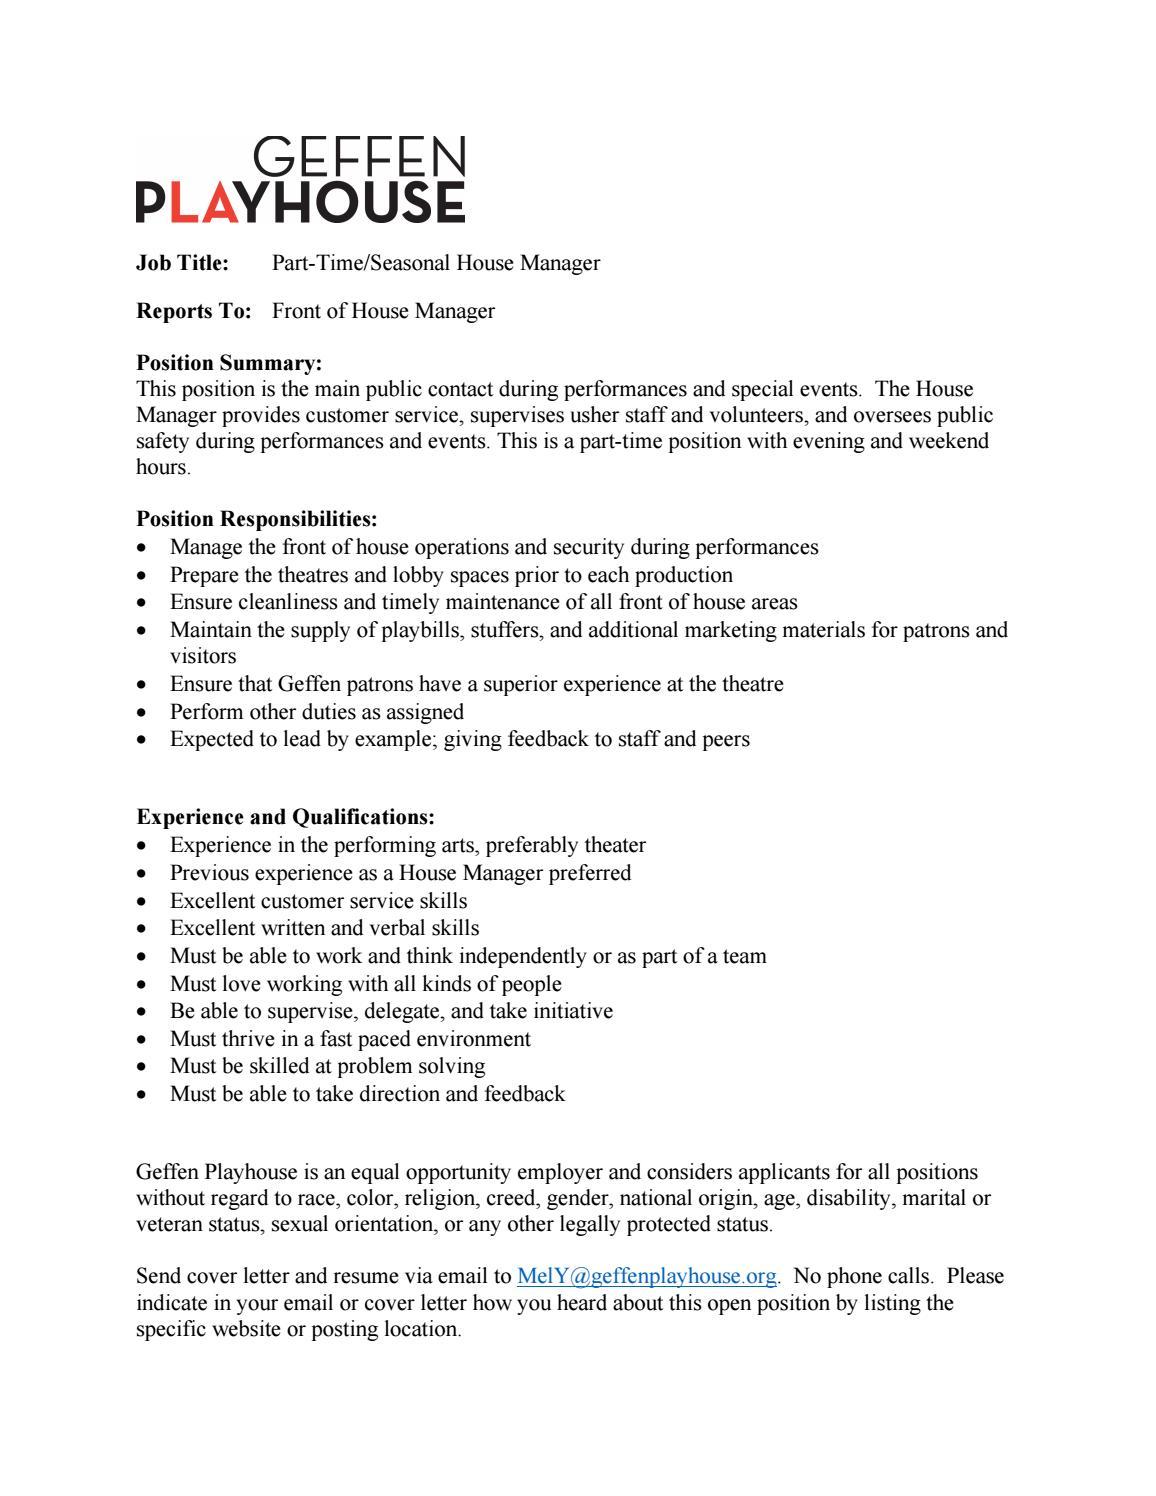 Parttimehousemanagerjobdescription 052419 by Geffen ...